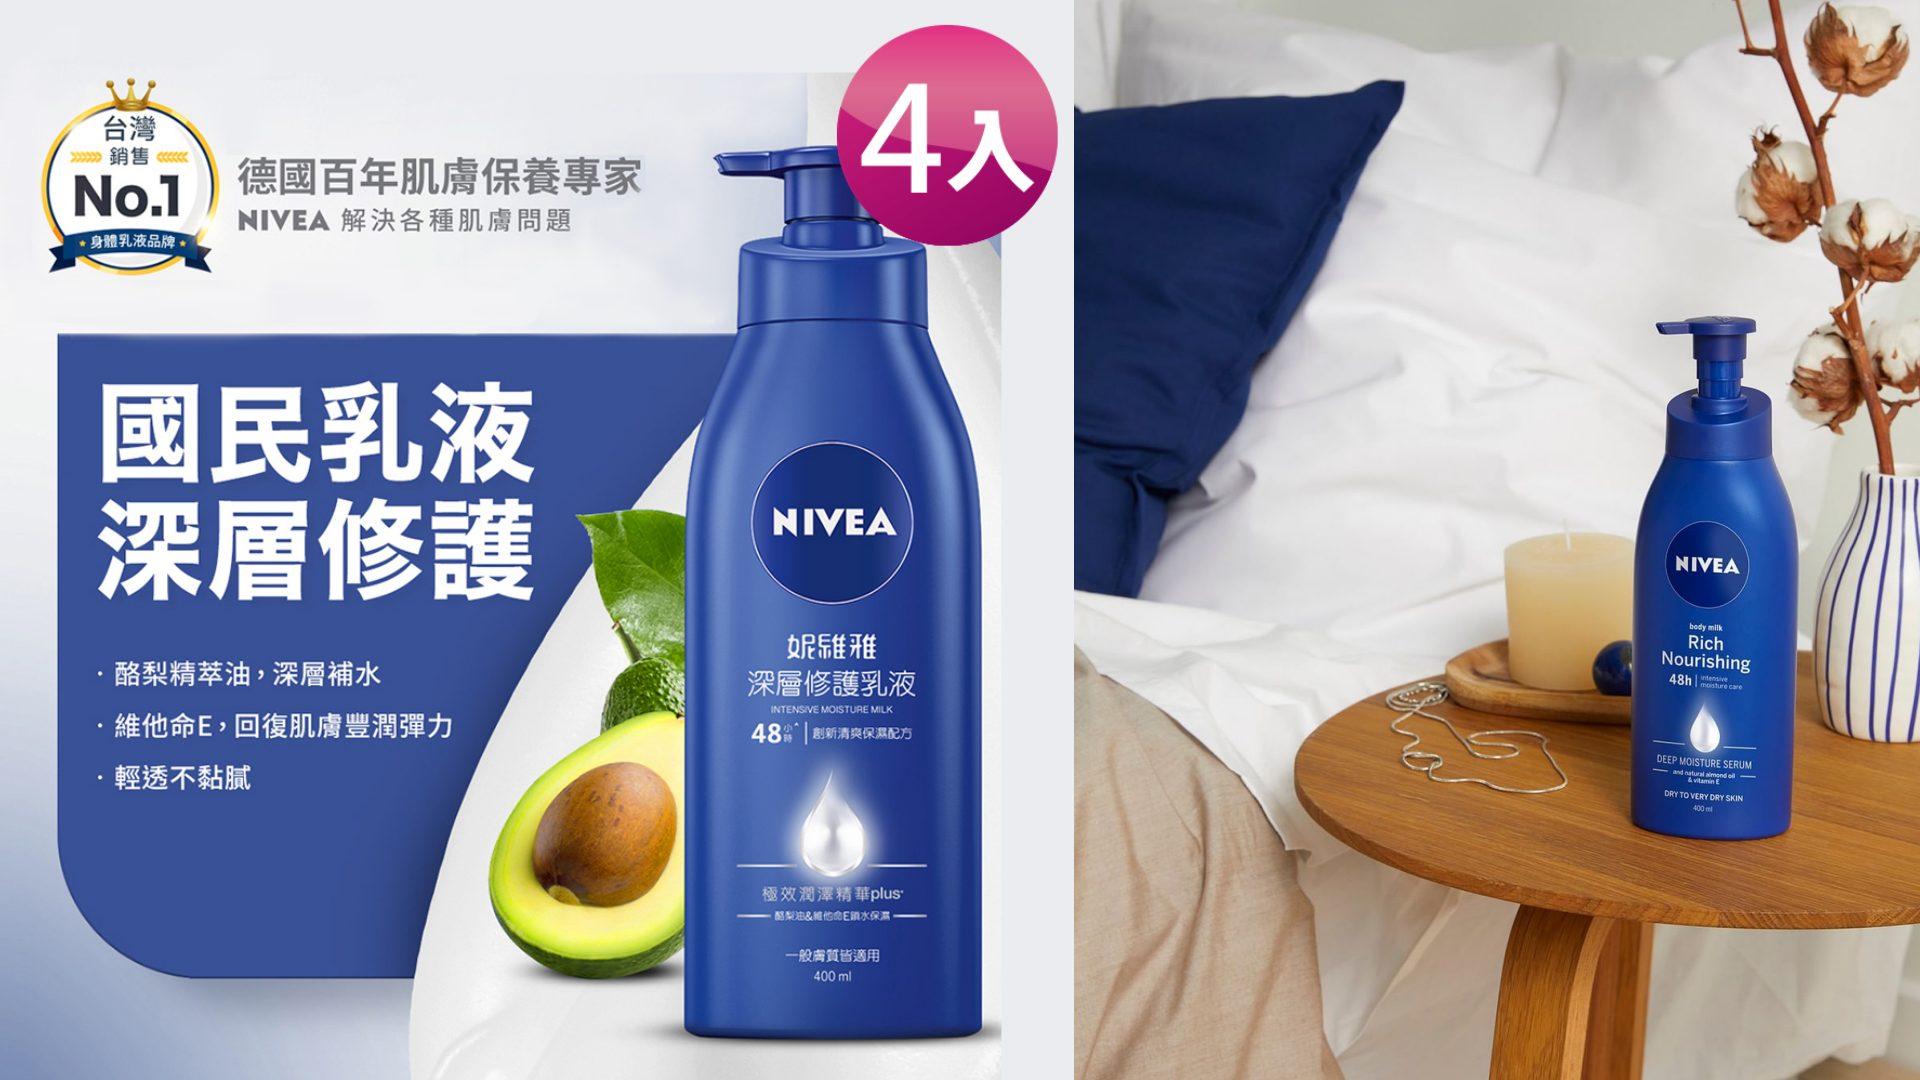 添加德國百年護膚專家妮維雅研發的「極效潤澤精華plus」,搭配含酪梨油及維他命E的加強保濕配方,讓保濕效果更持久